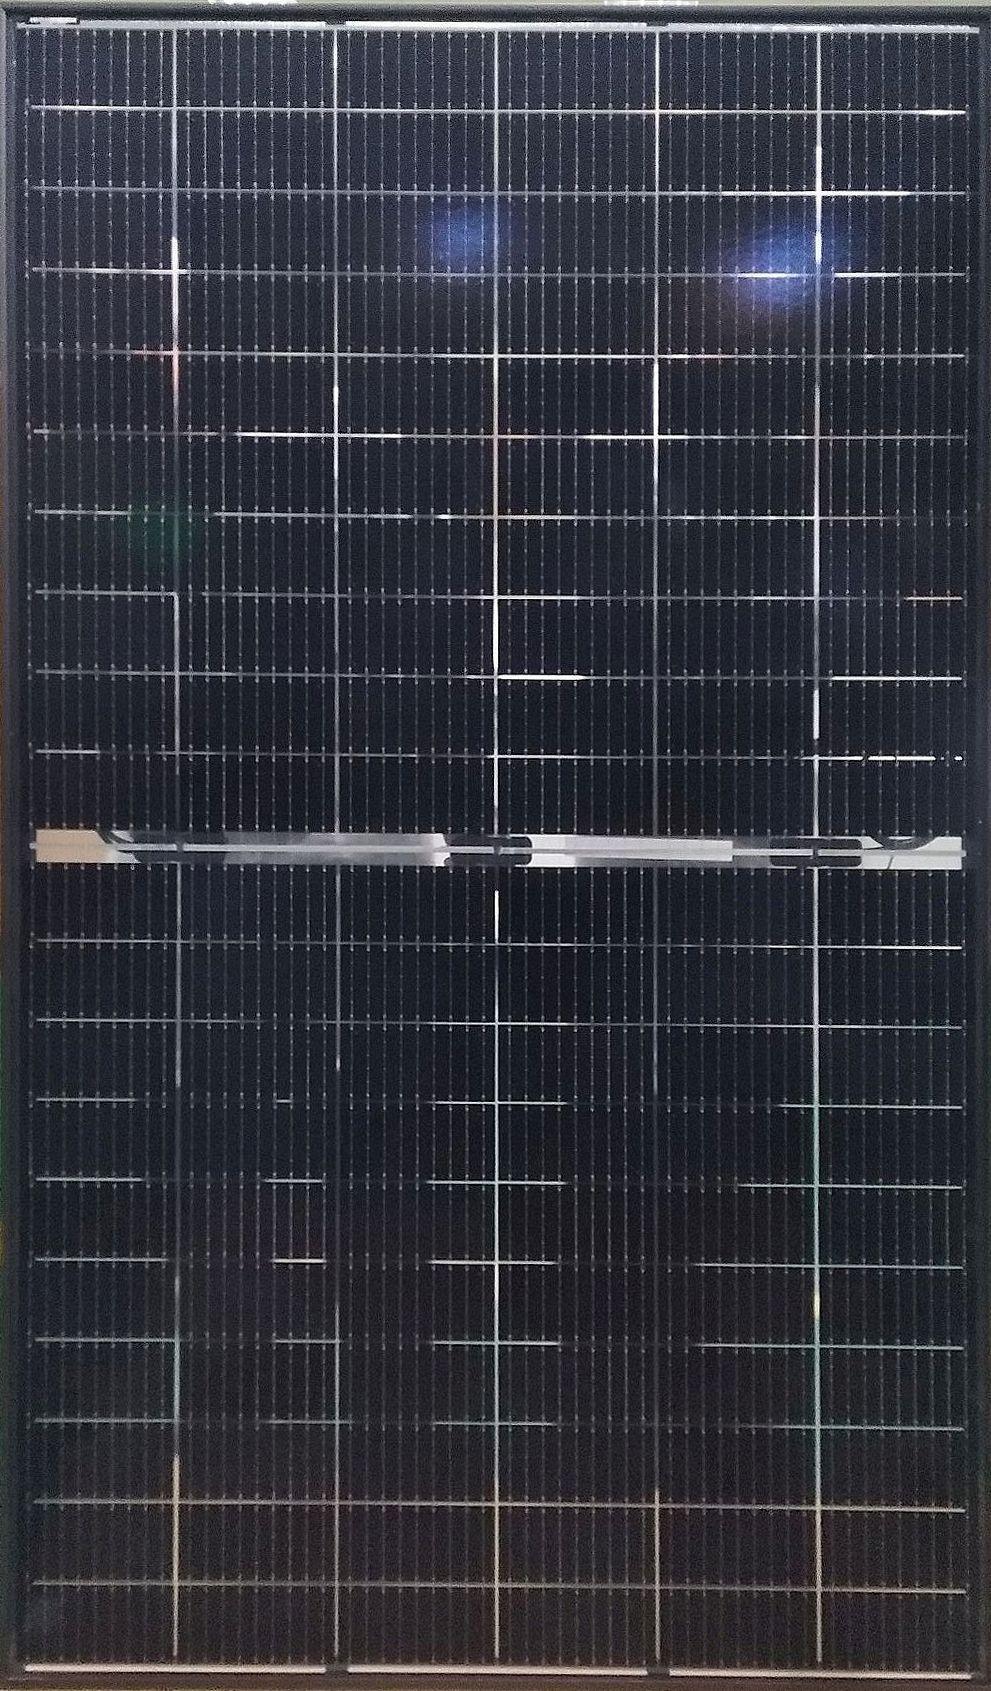 SOLYCO R-TG 120n